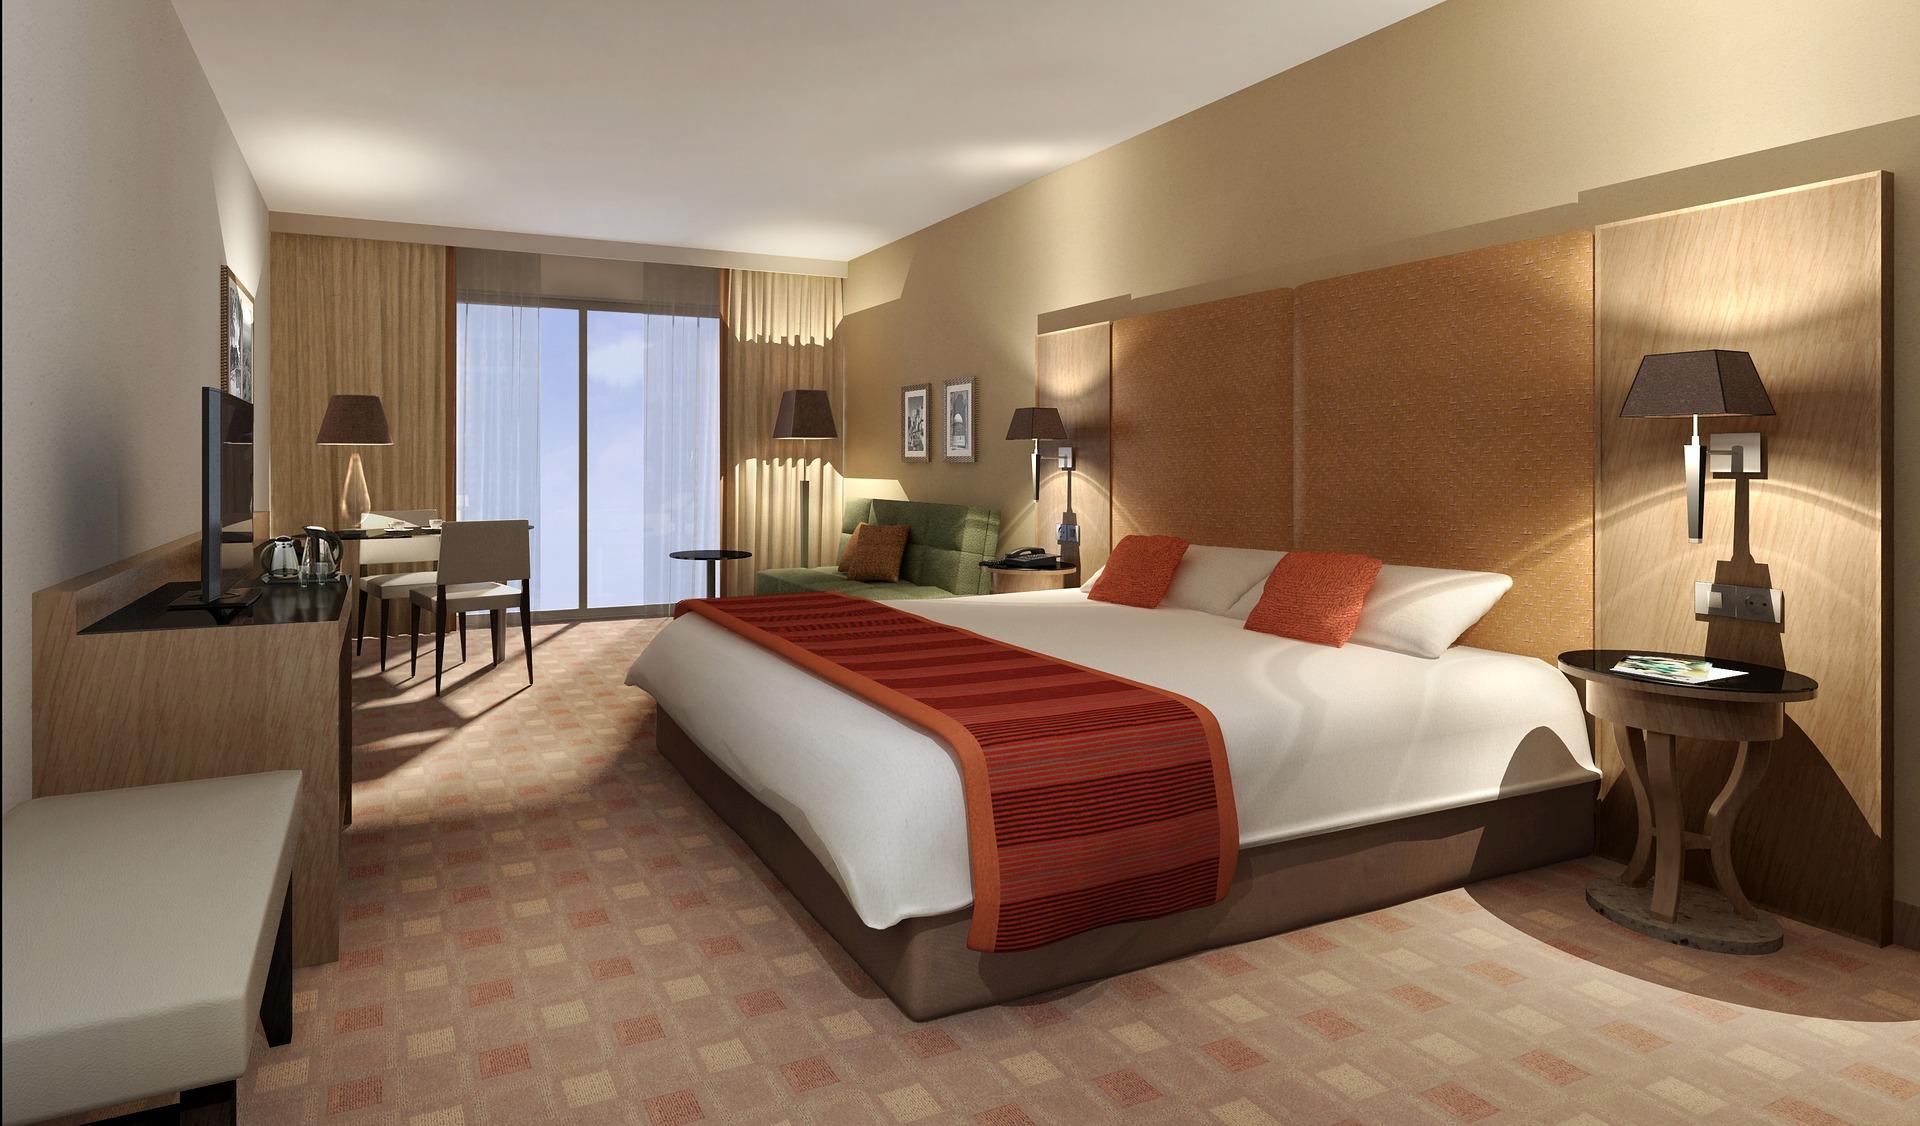 미국의 한 고급 호텔 비트코인, 도지코인 등 암호화폐 결제 허용